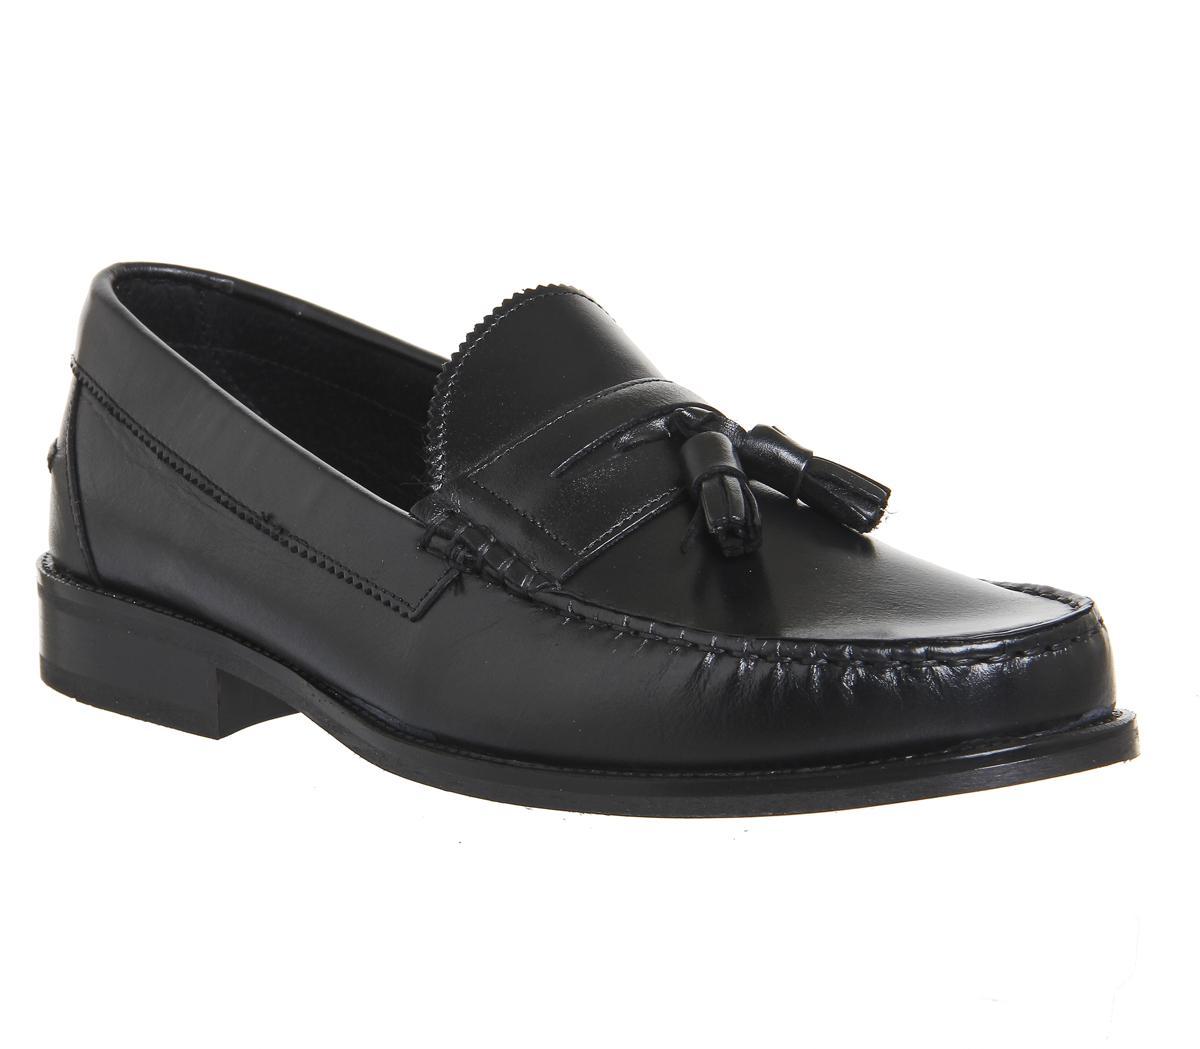 Bonjourno Tassle Loafers